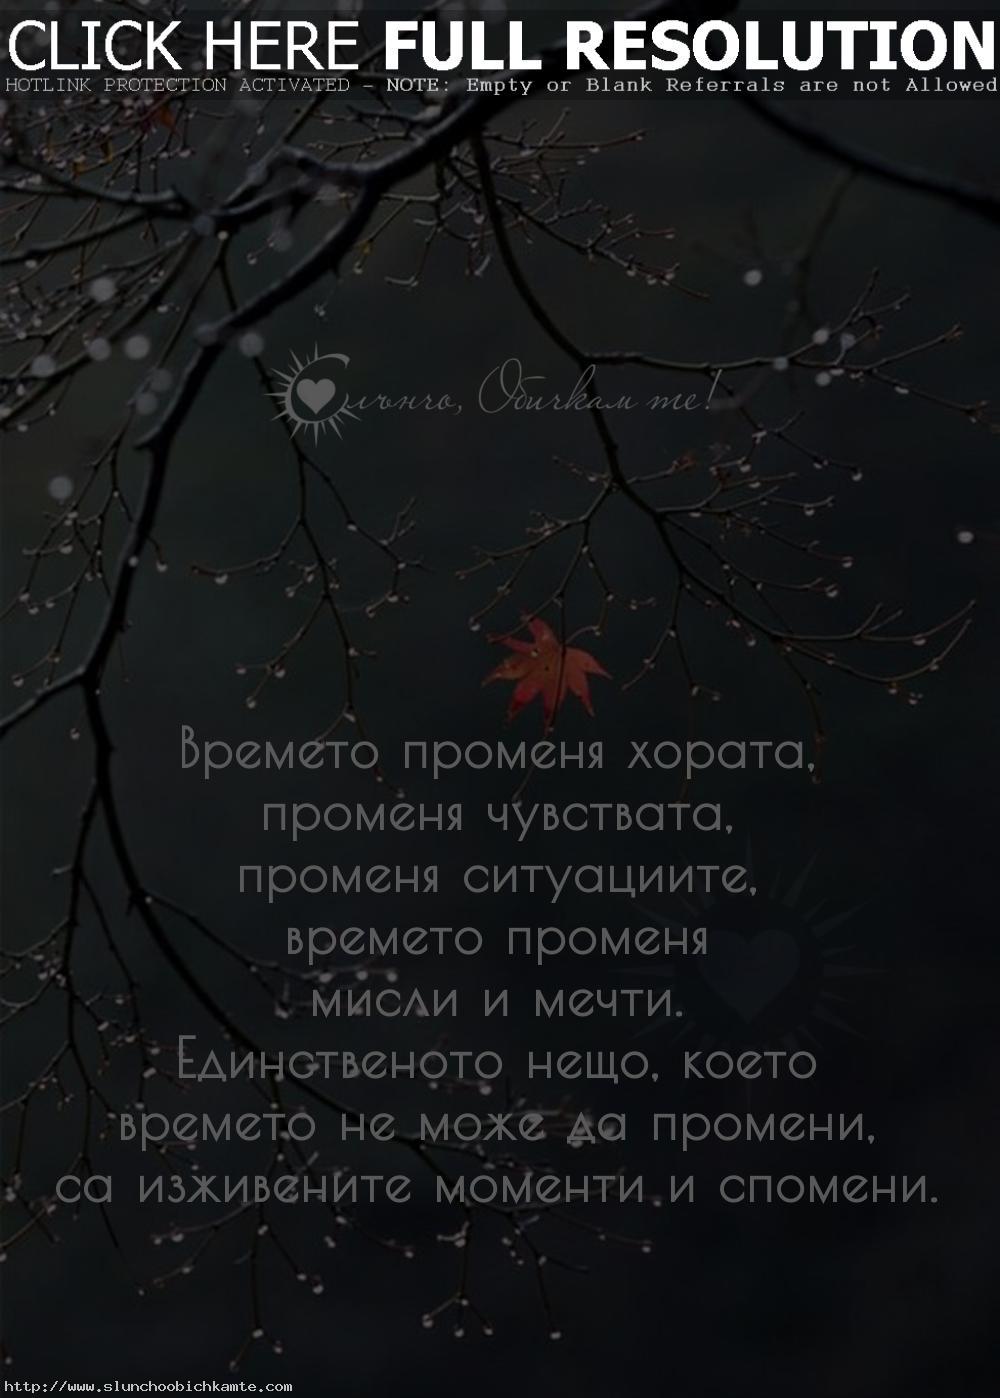 Времето променя хората, променя чувствата, променя ситуациите, времето променя мисли и мечти. Единственото нещо, което времето не може да промени, са изживените моменти и спомени... - Любов, любовни статуси, любовни мисли, любовни фрази, любовни цитати